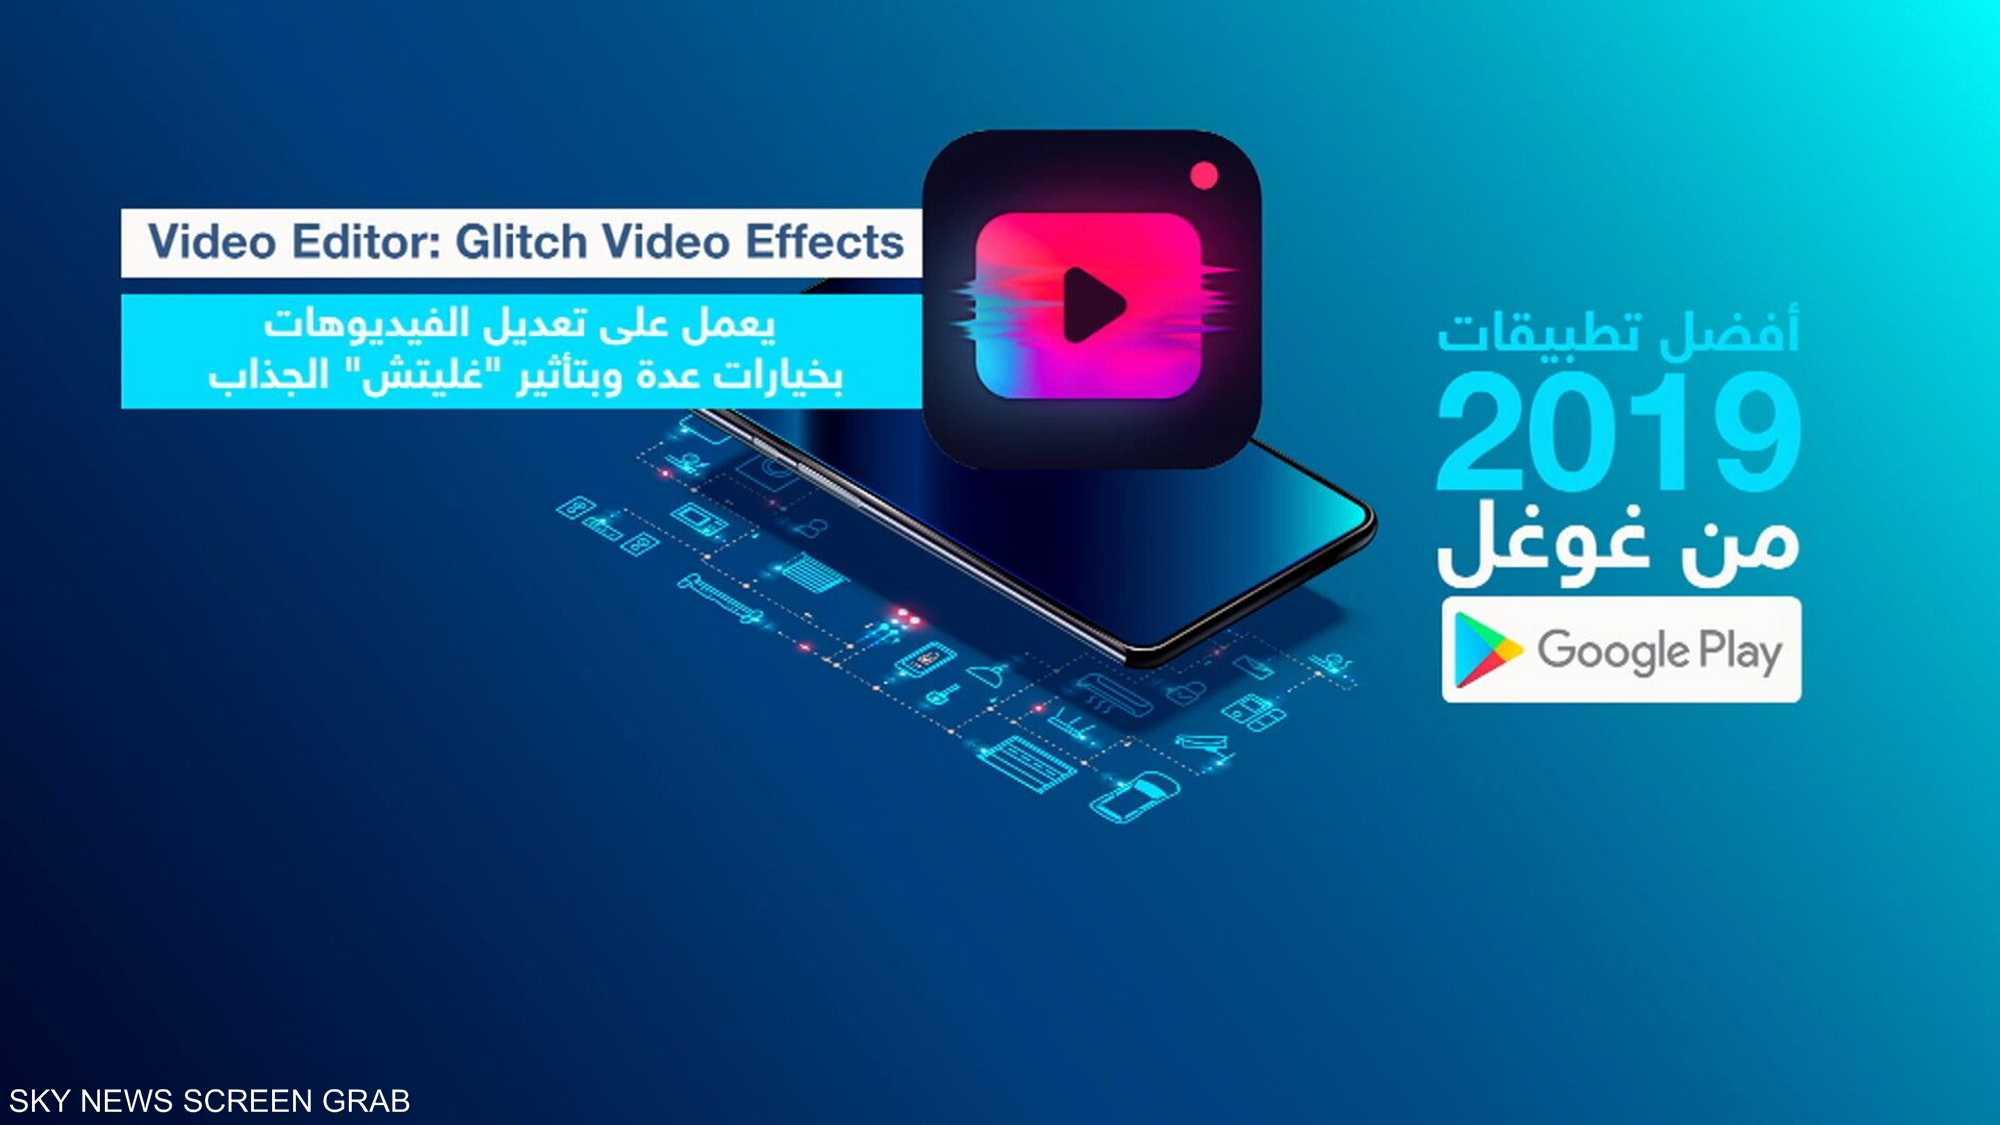 تطبيق لتعديل الفيديوهات ويتميز بفلتر الغلتش.